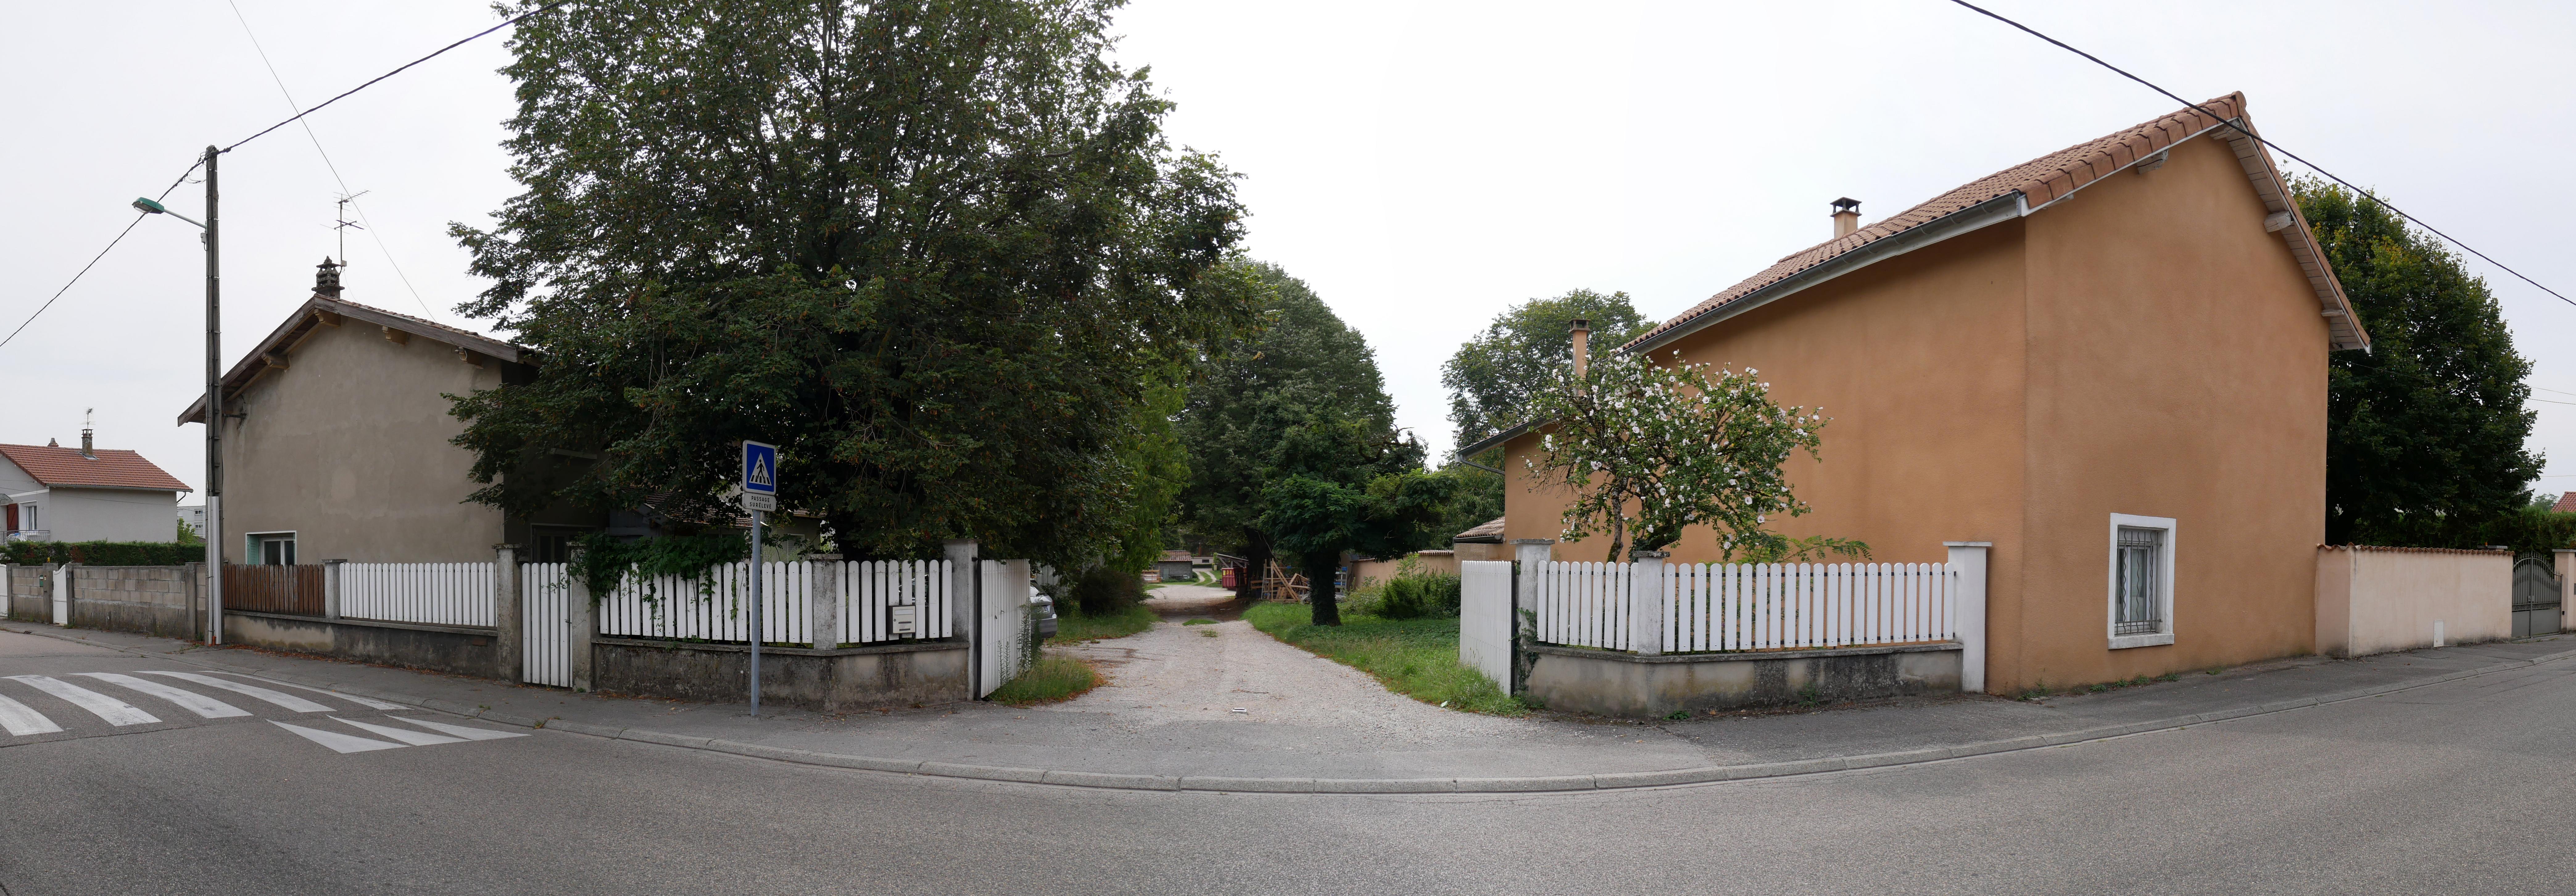 Photo de site